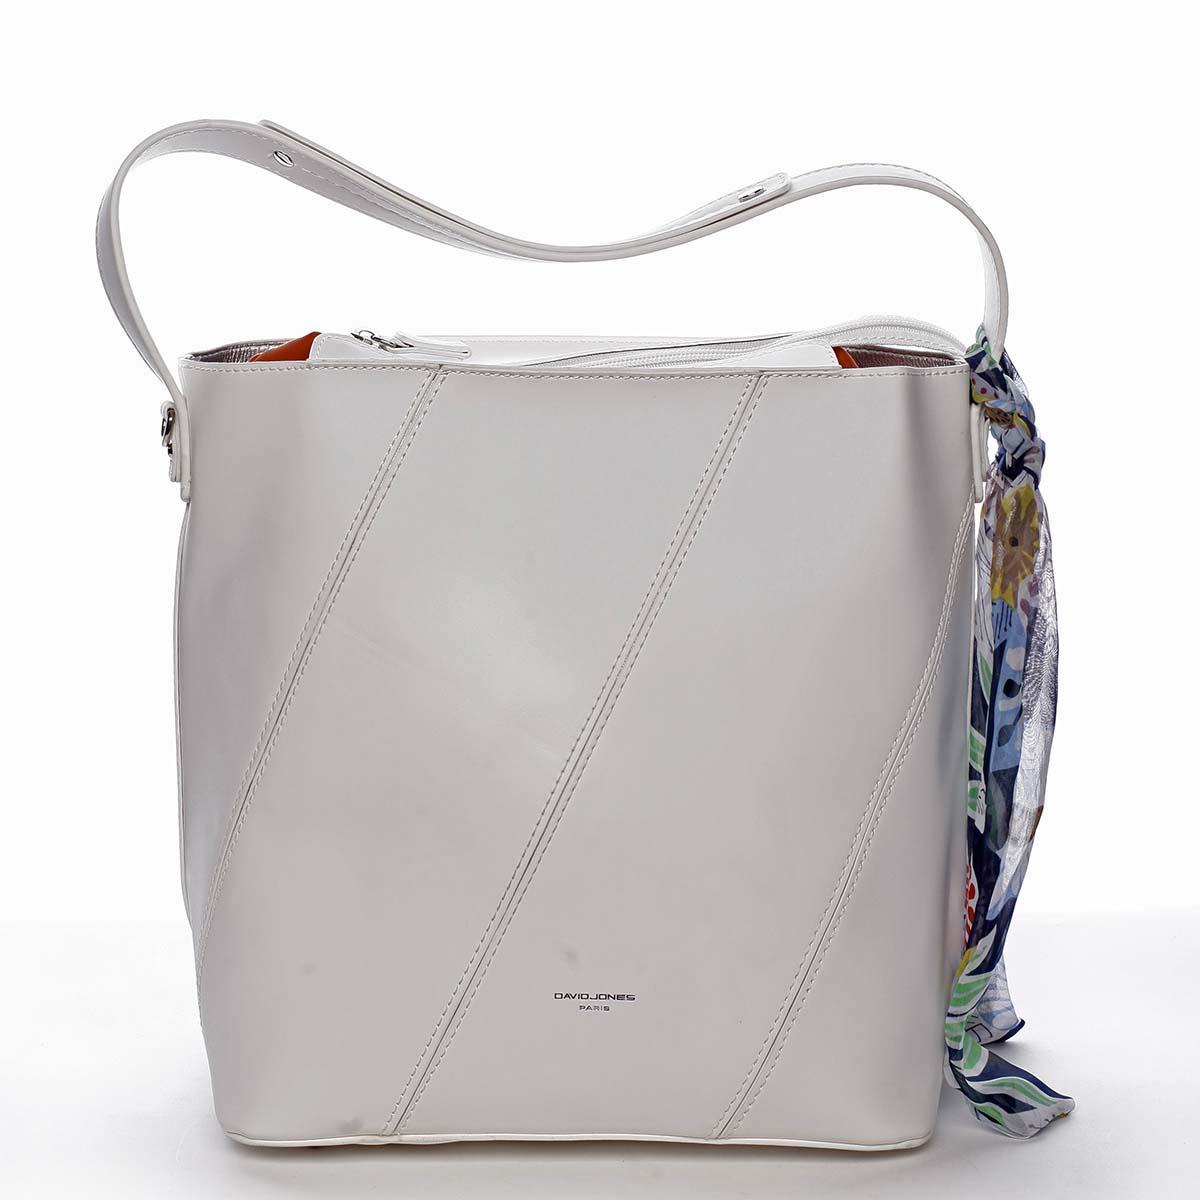 Elegantní dámská kabelka přes rameno bílá - David Jones Abena bílá